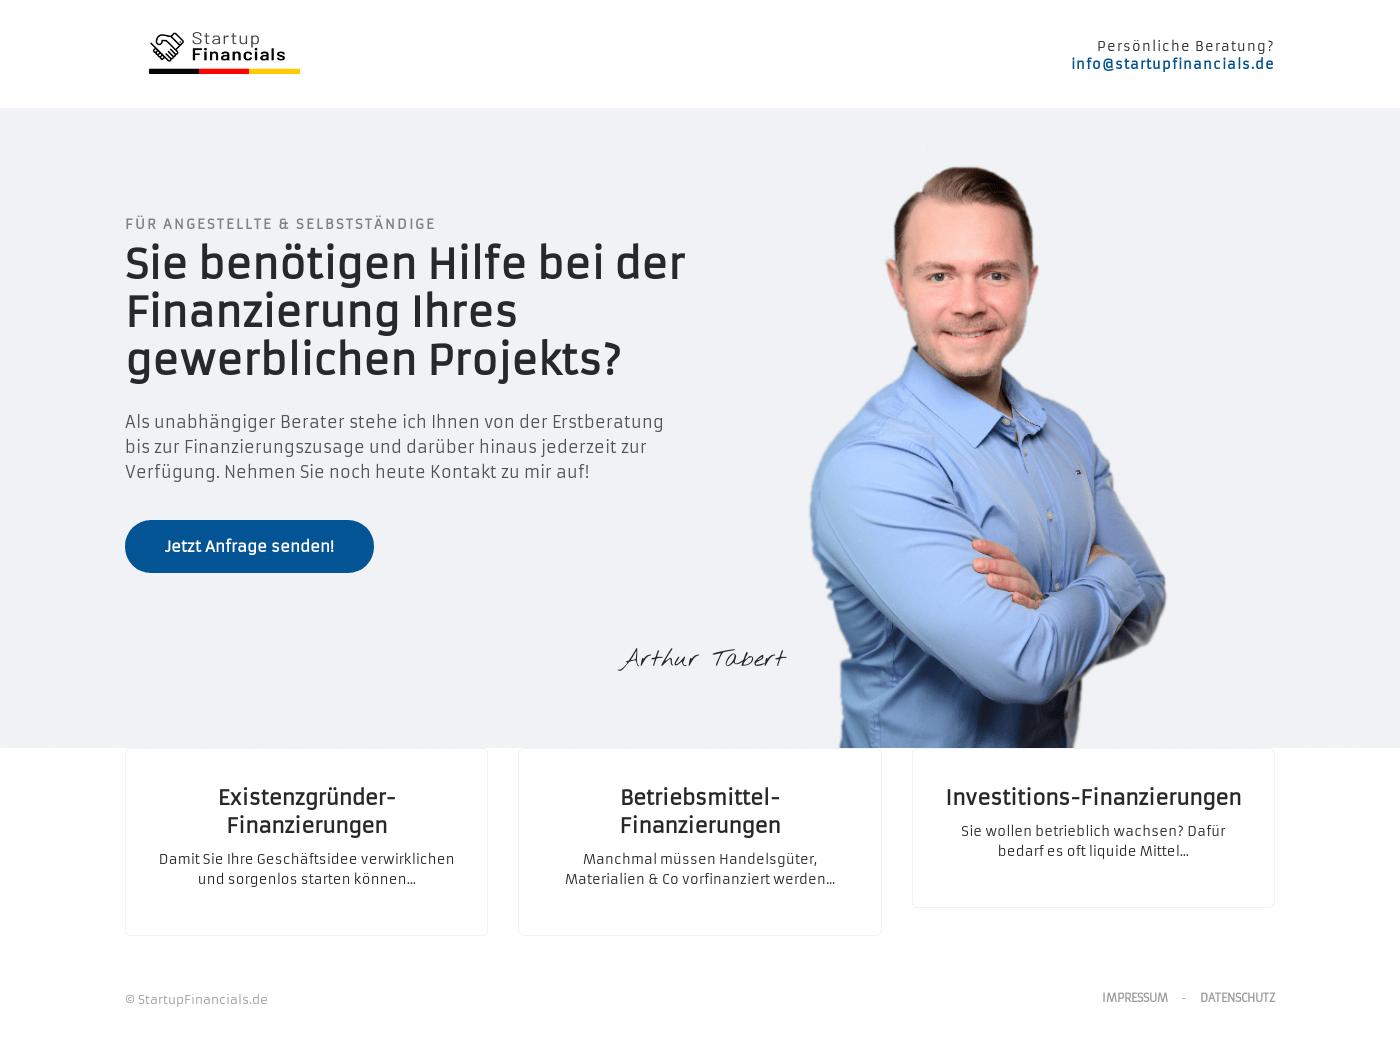 Startup Financials Startseite